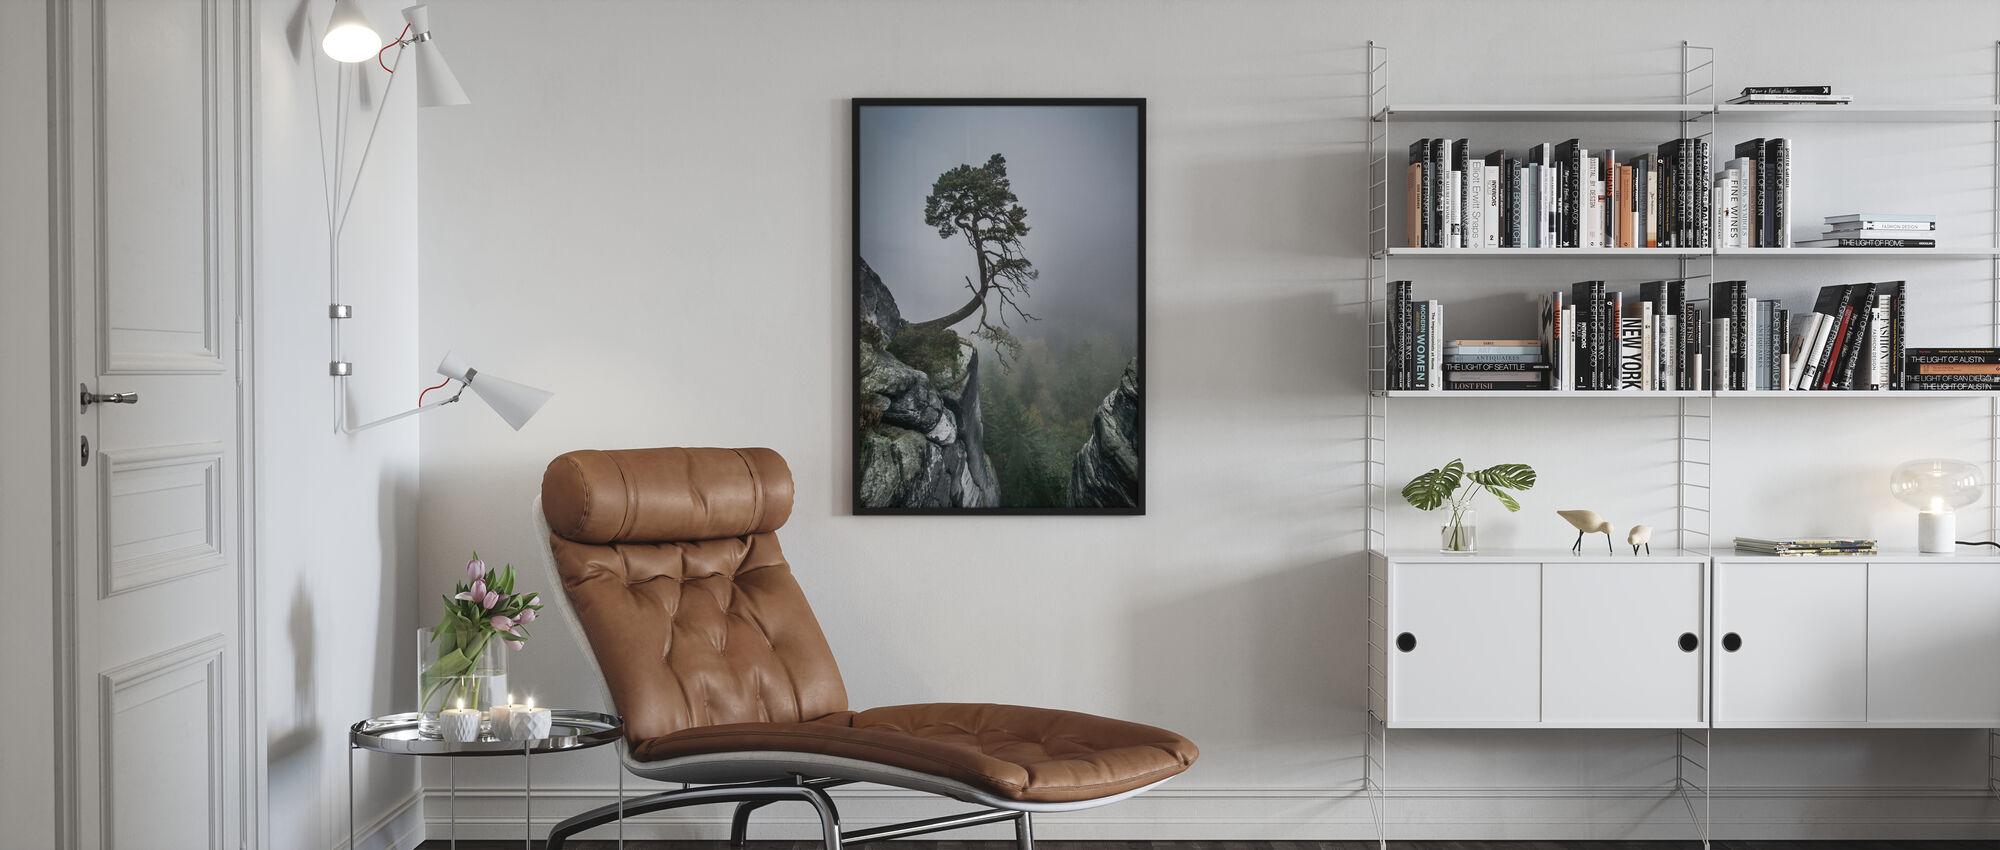 Puu vuorella - Juliste - Olohuone